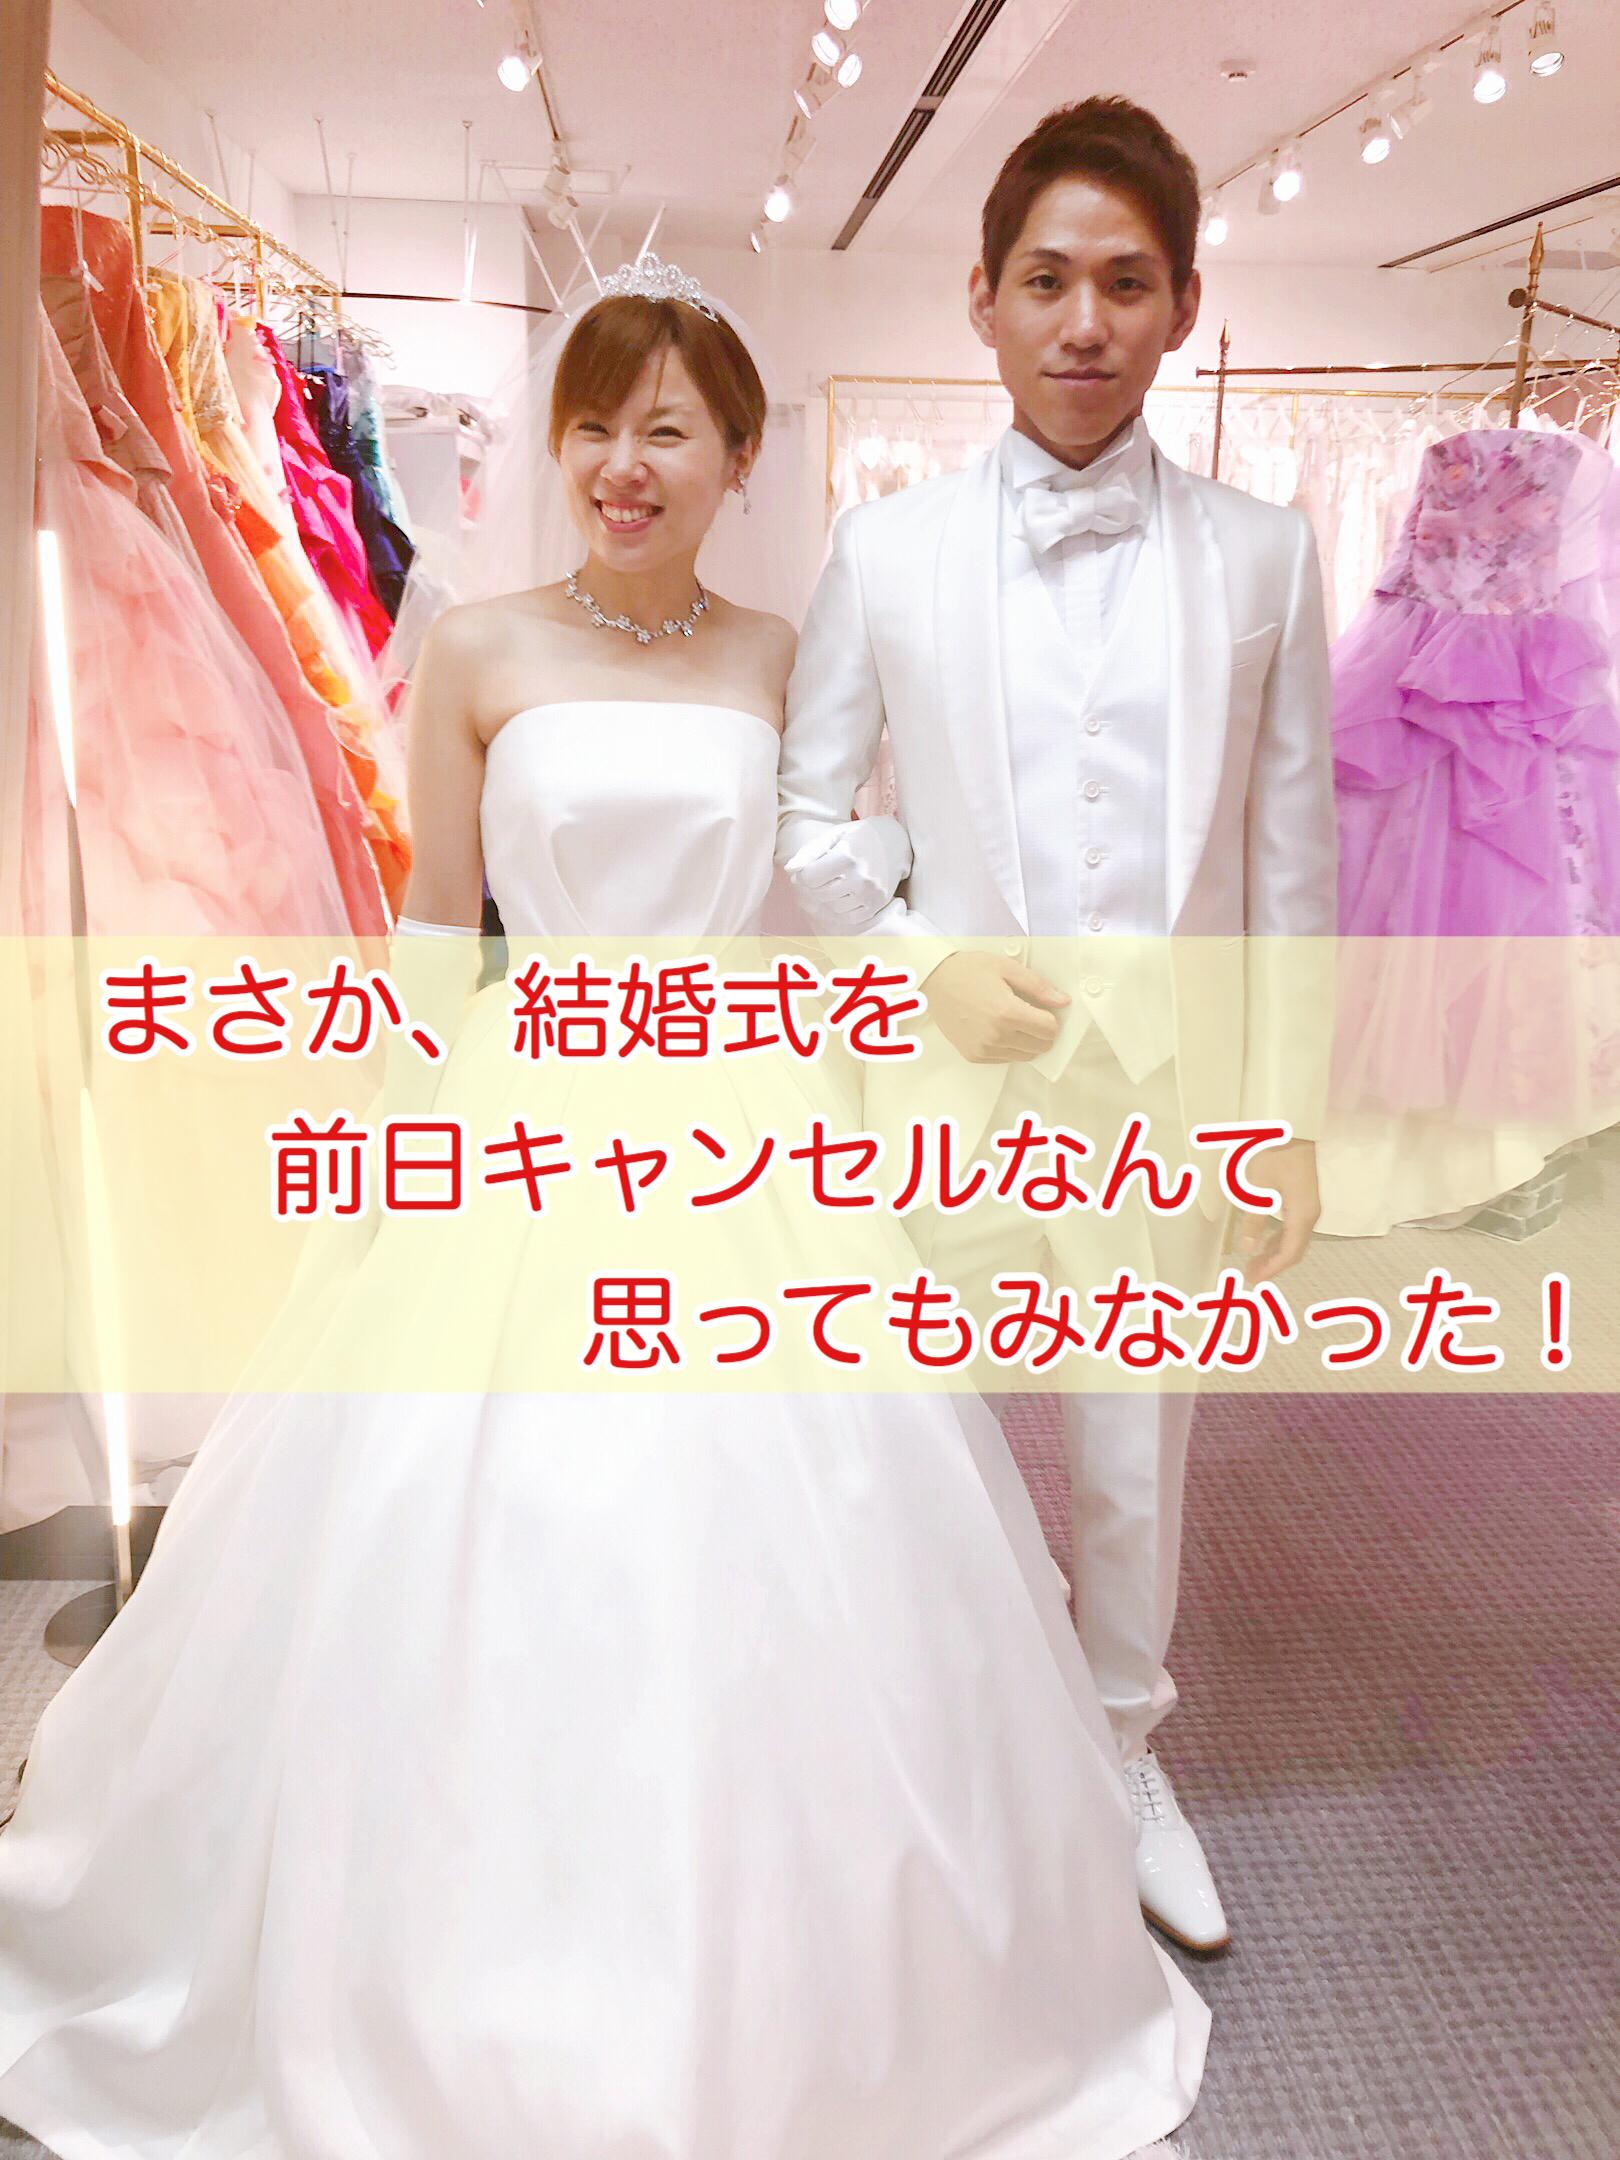 結婚式、台風による前日キャンセルの花嫁の心境